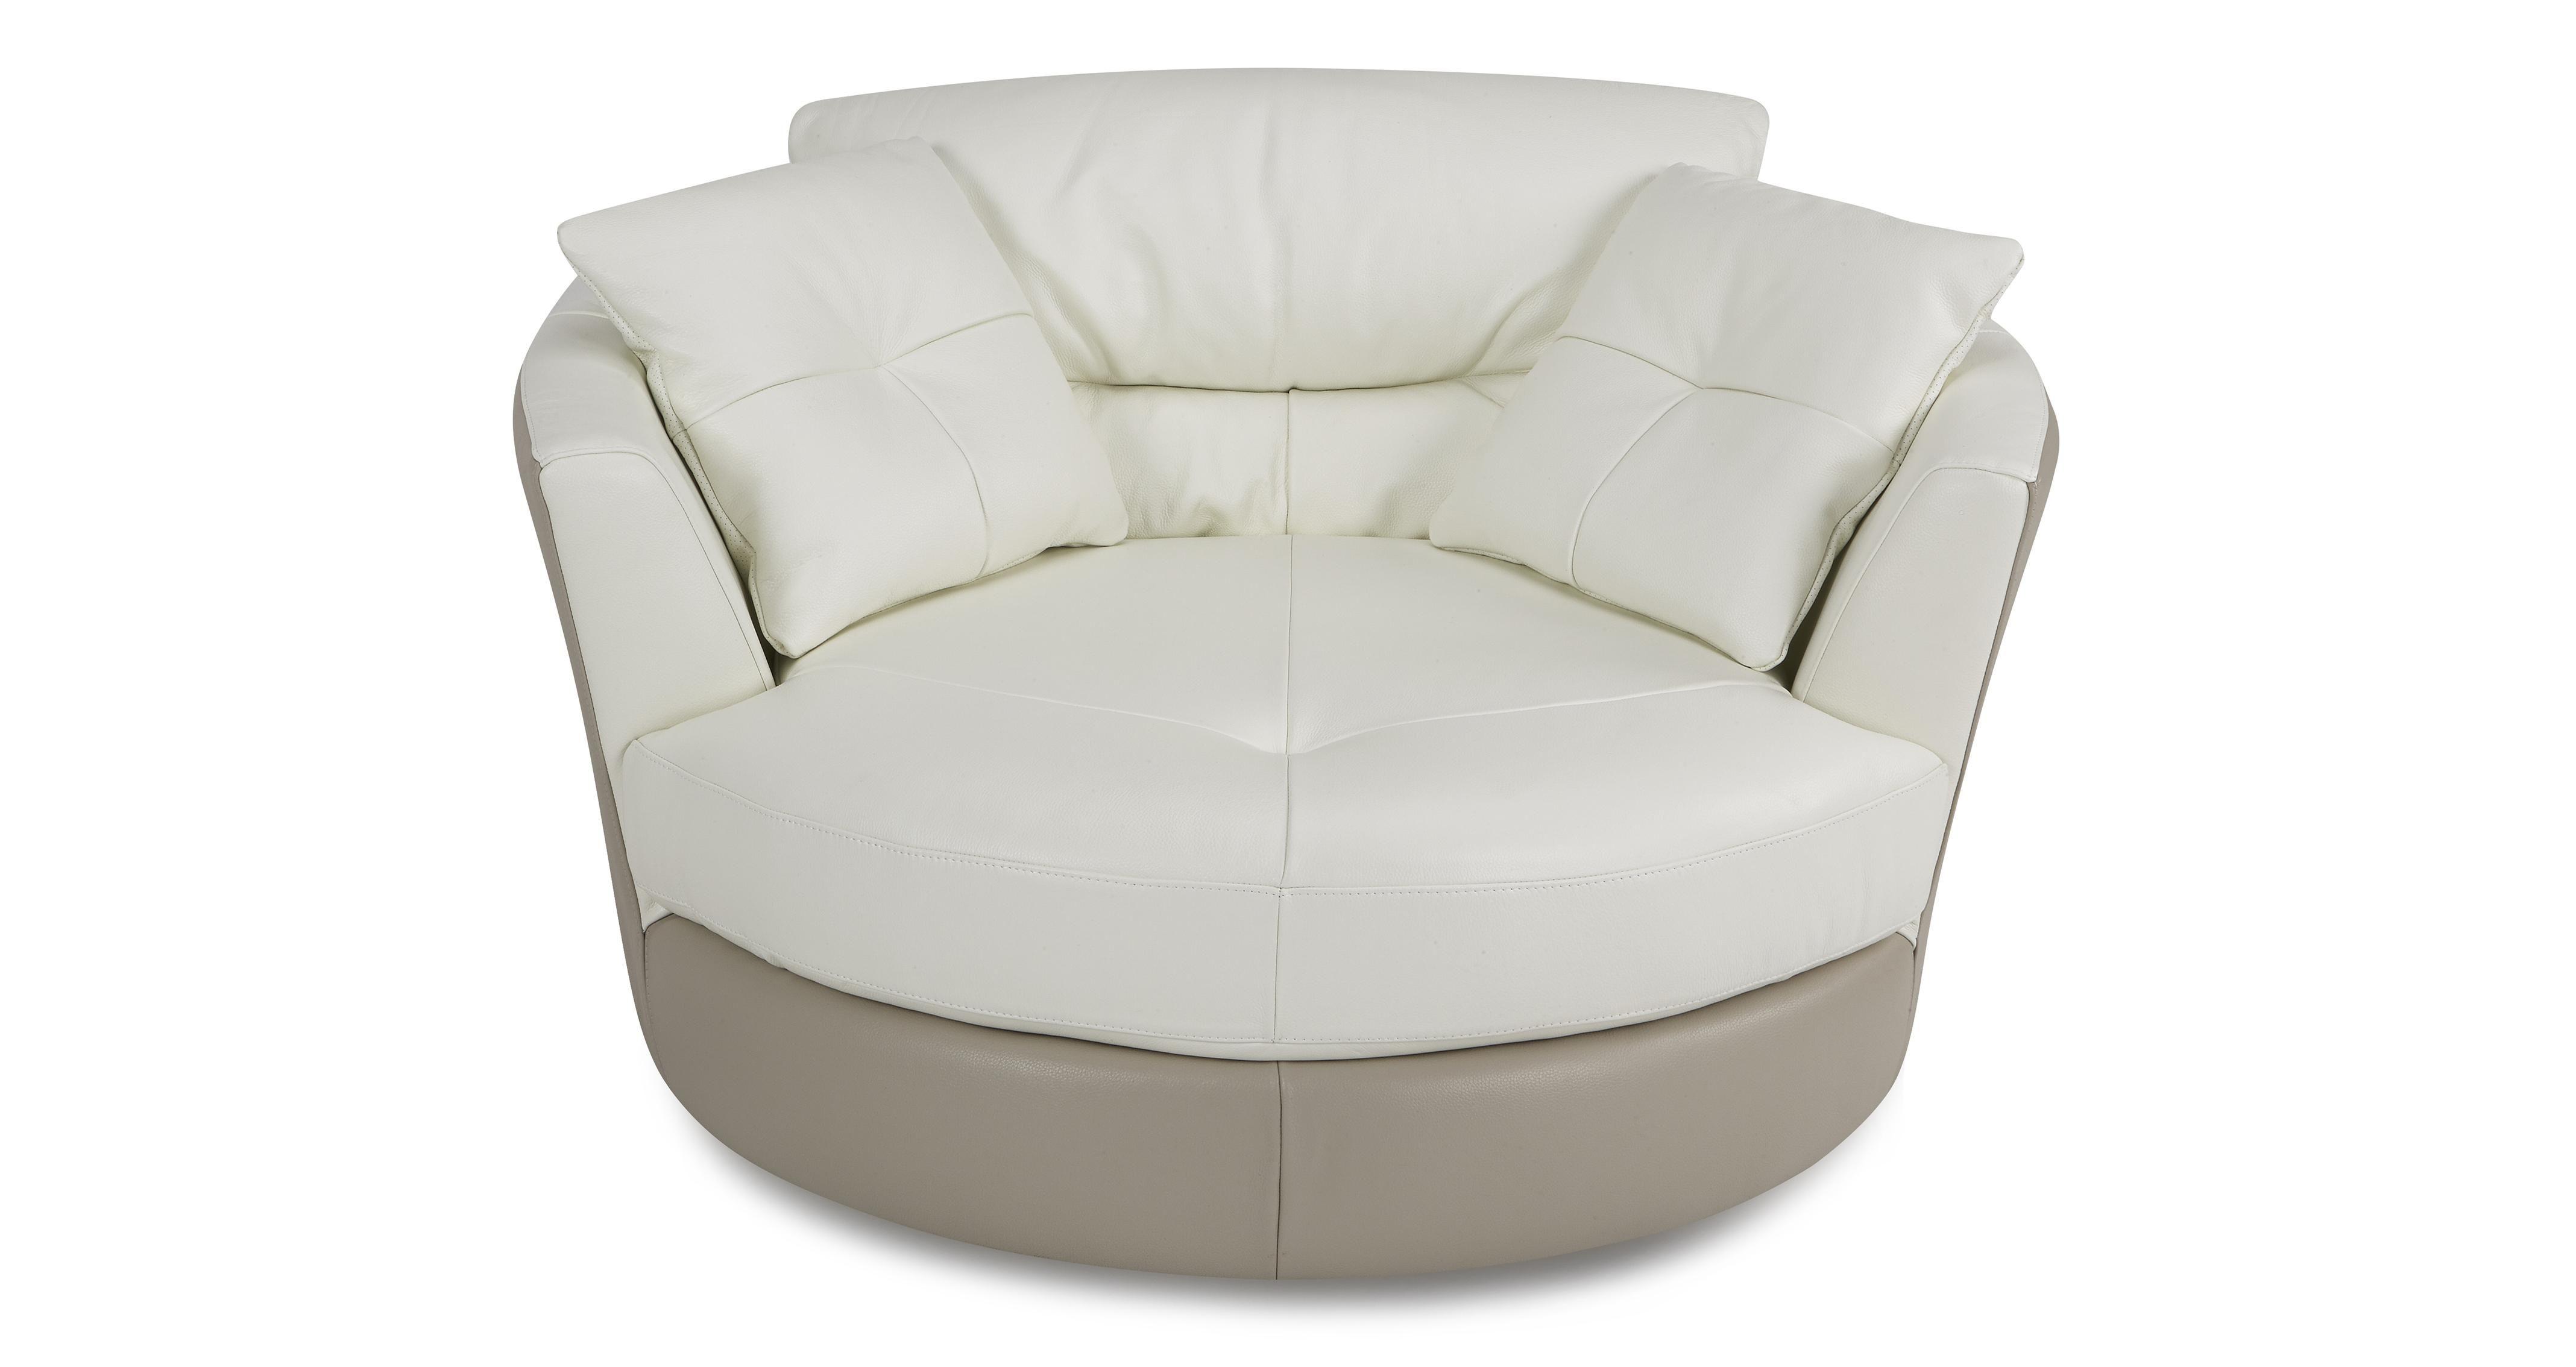 Schwenk Kuschel Sessel Swivel Kuscheln Stuhl Das Gefühl Eine